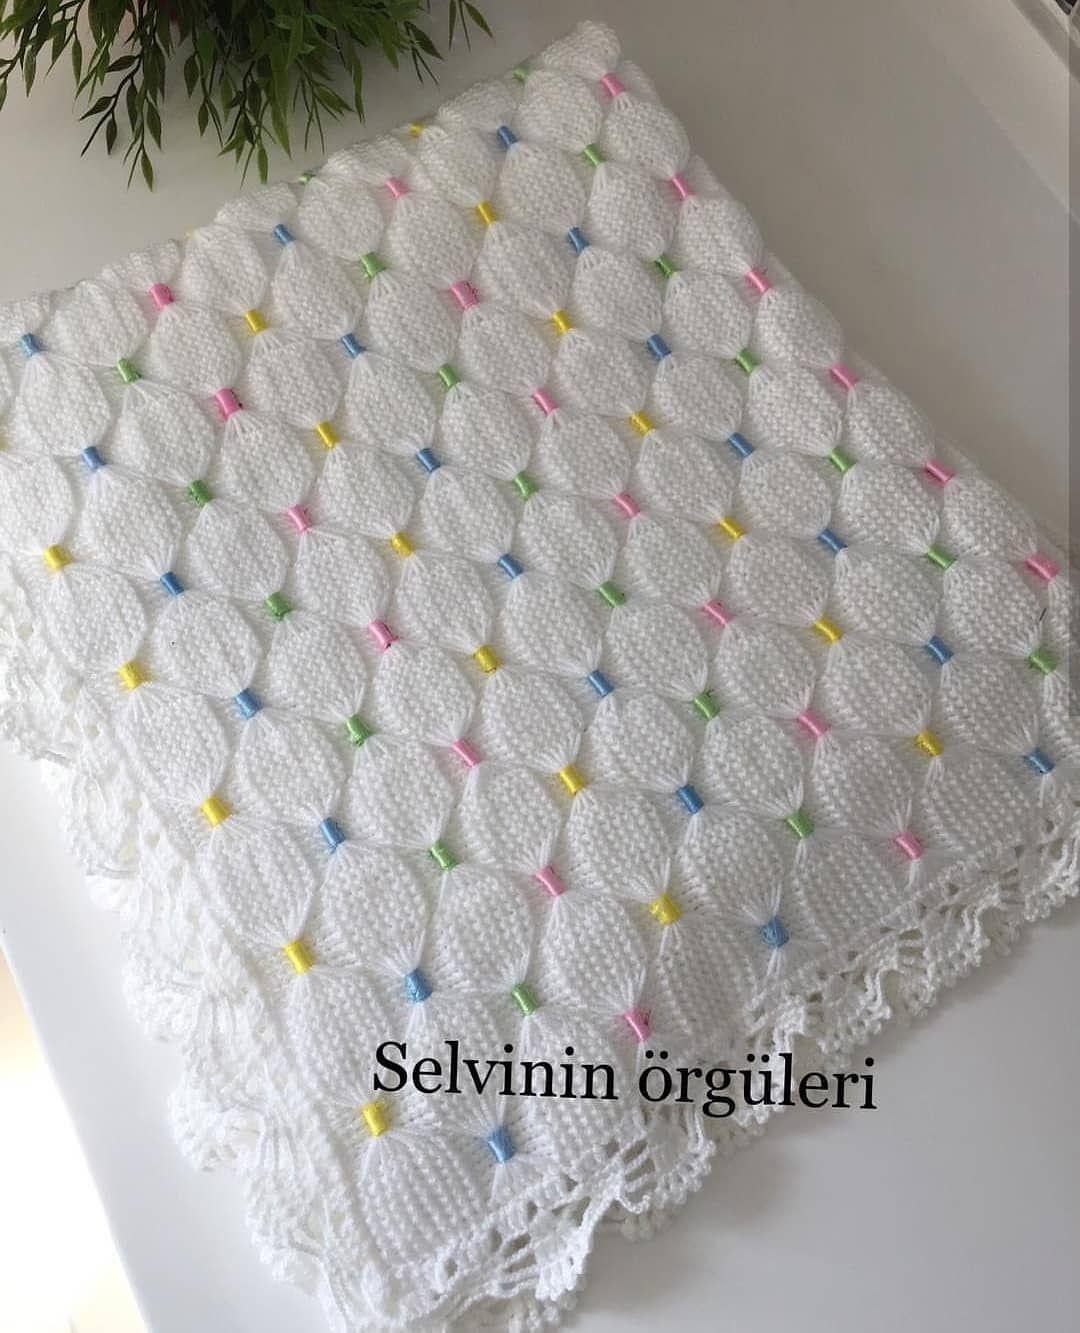 Den Yparxei Dia8esimh Perigrafh Gia Th Fwtografia Baby Knitting Patterns Tig Desenleri Orme Olmayan Desenler